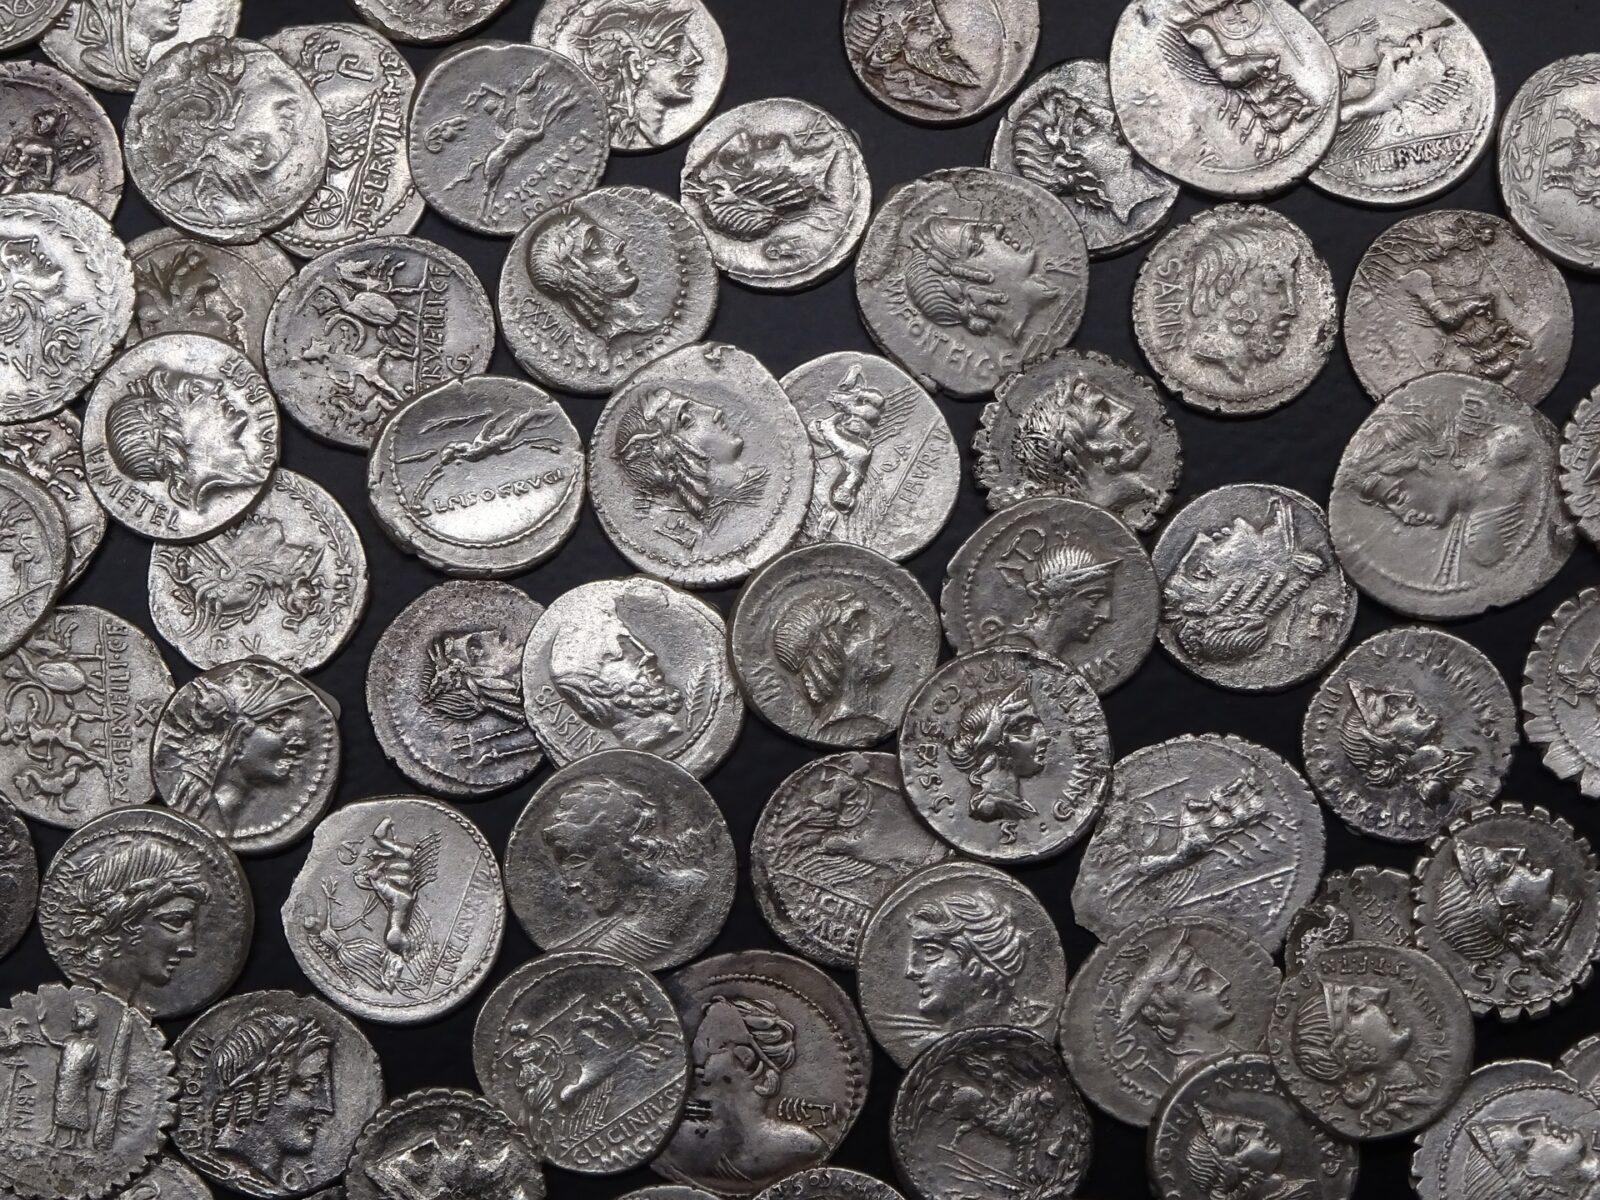 coins-3298260_1920